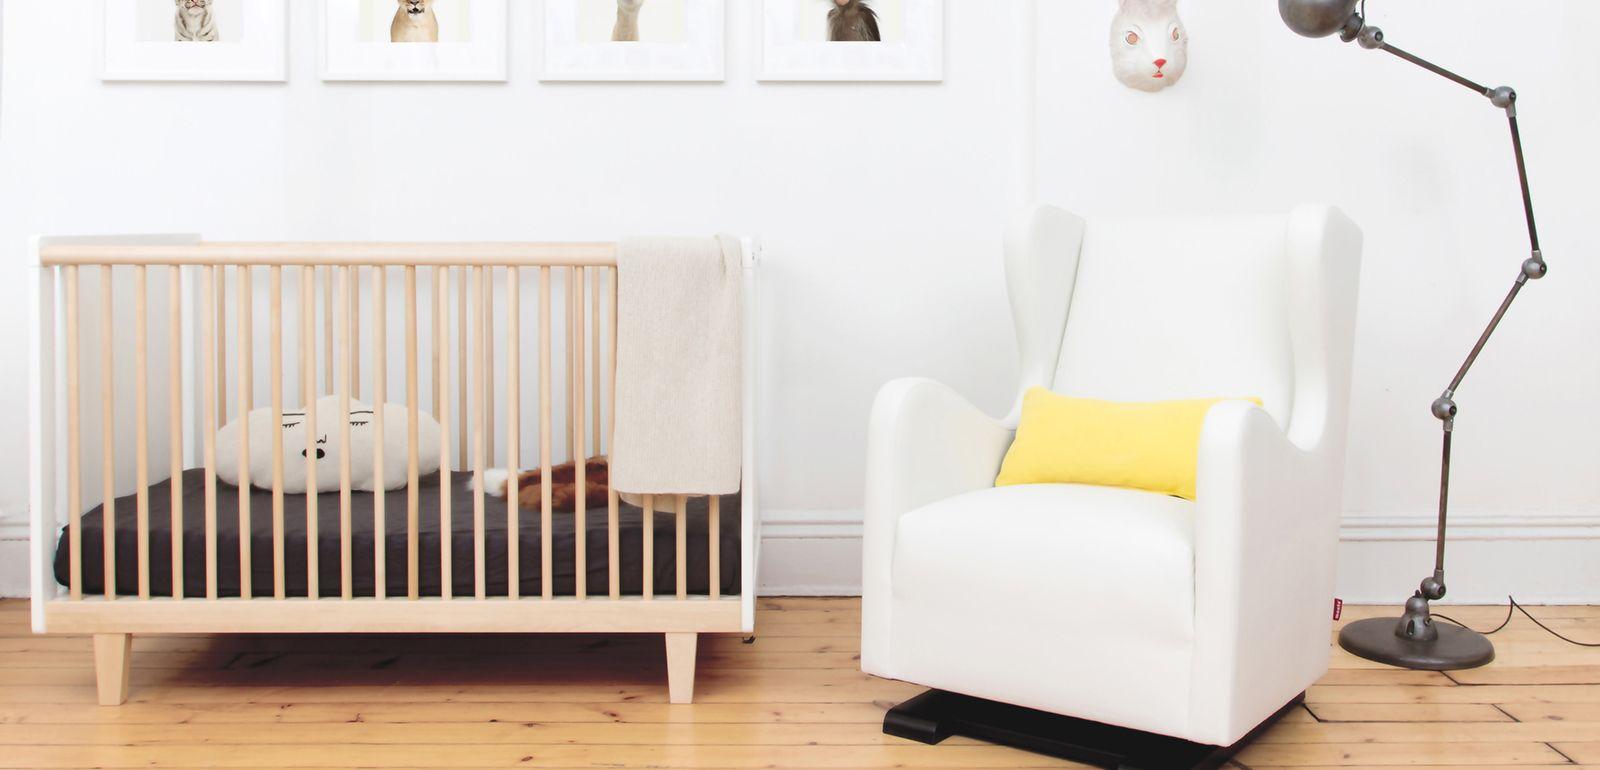 mobilier design pour enfant mobilier kids meuble pour enfant silvera. Black Bedroom Furniture Sets. Home Design Ideas